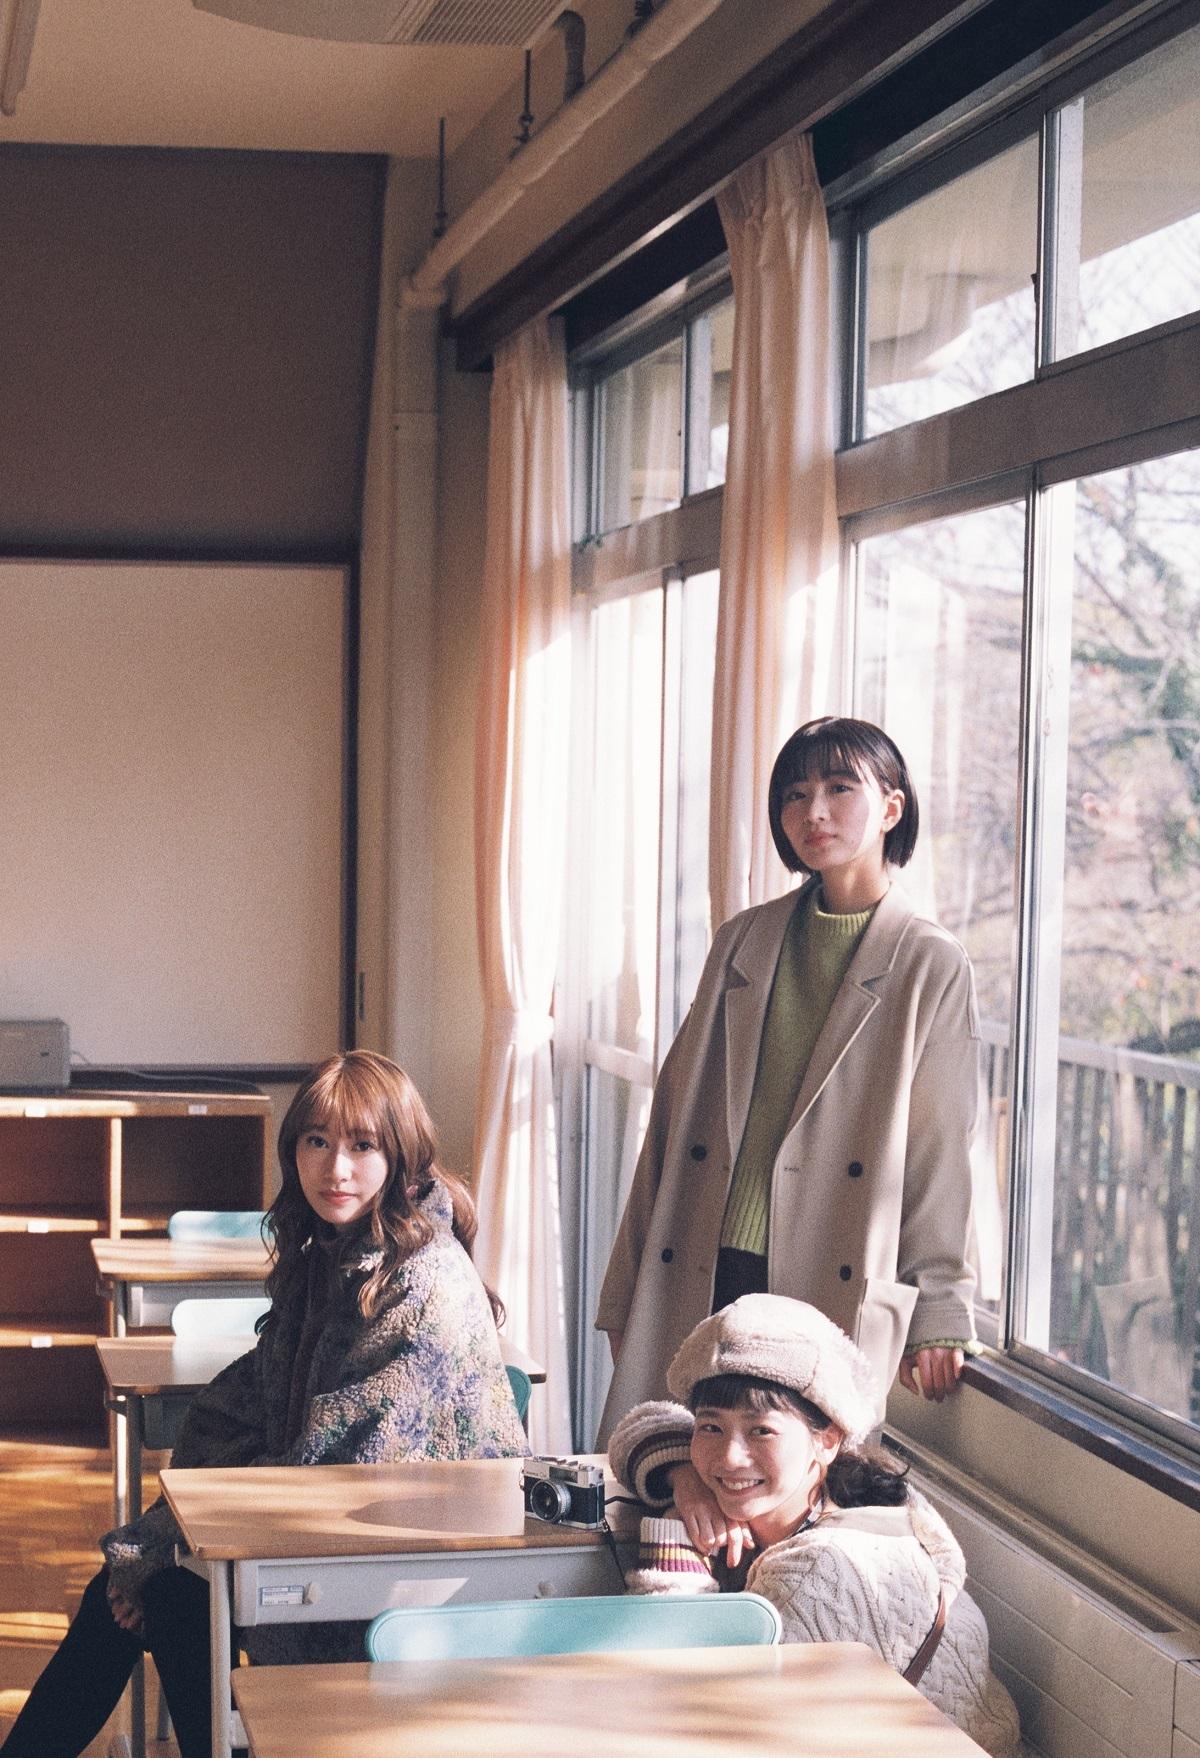 映画『シノノメ色の週末』 (C)2021「シノノメ色の週末」製作委員会